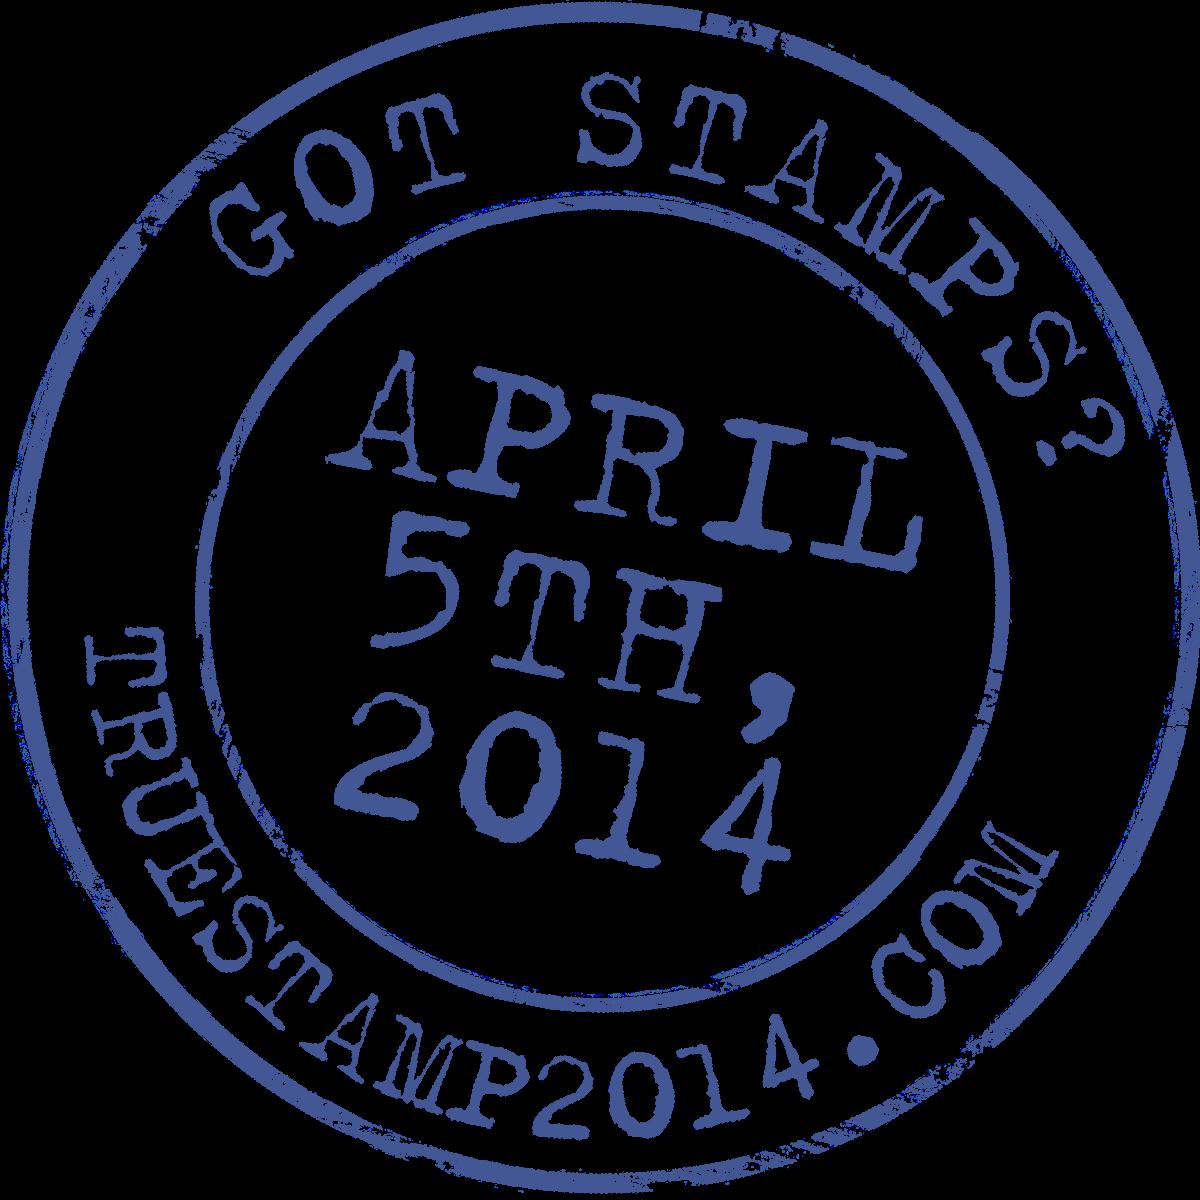 www.truestamp2014.com/lawnfawn